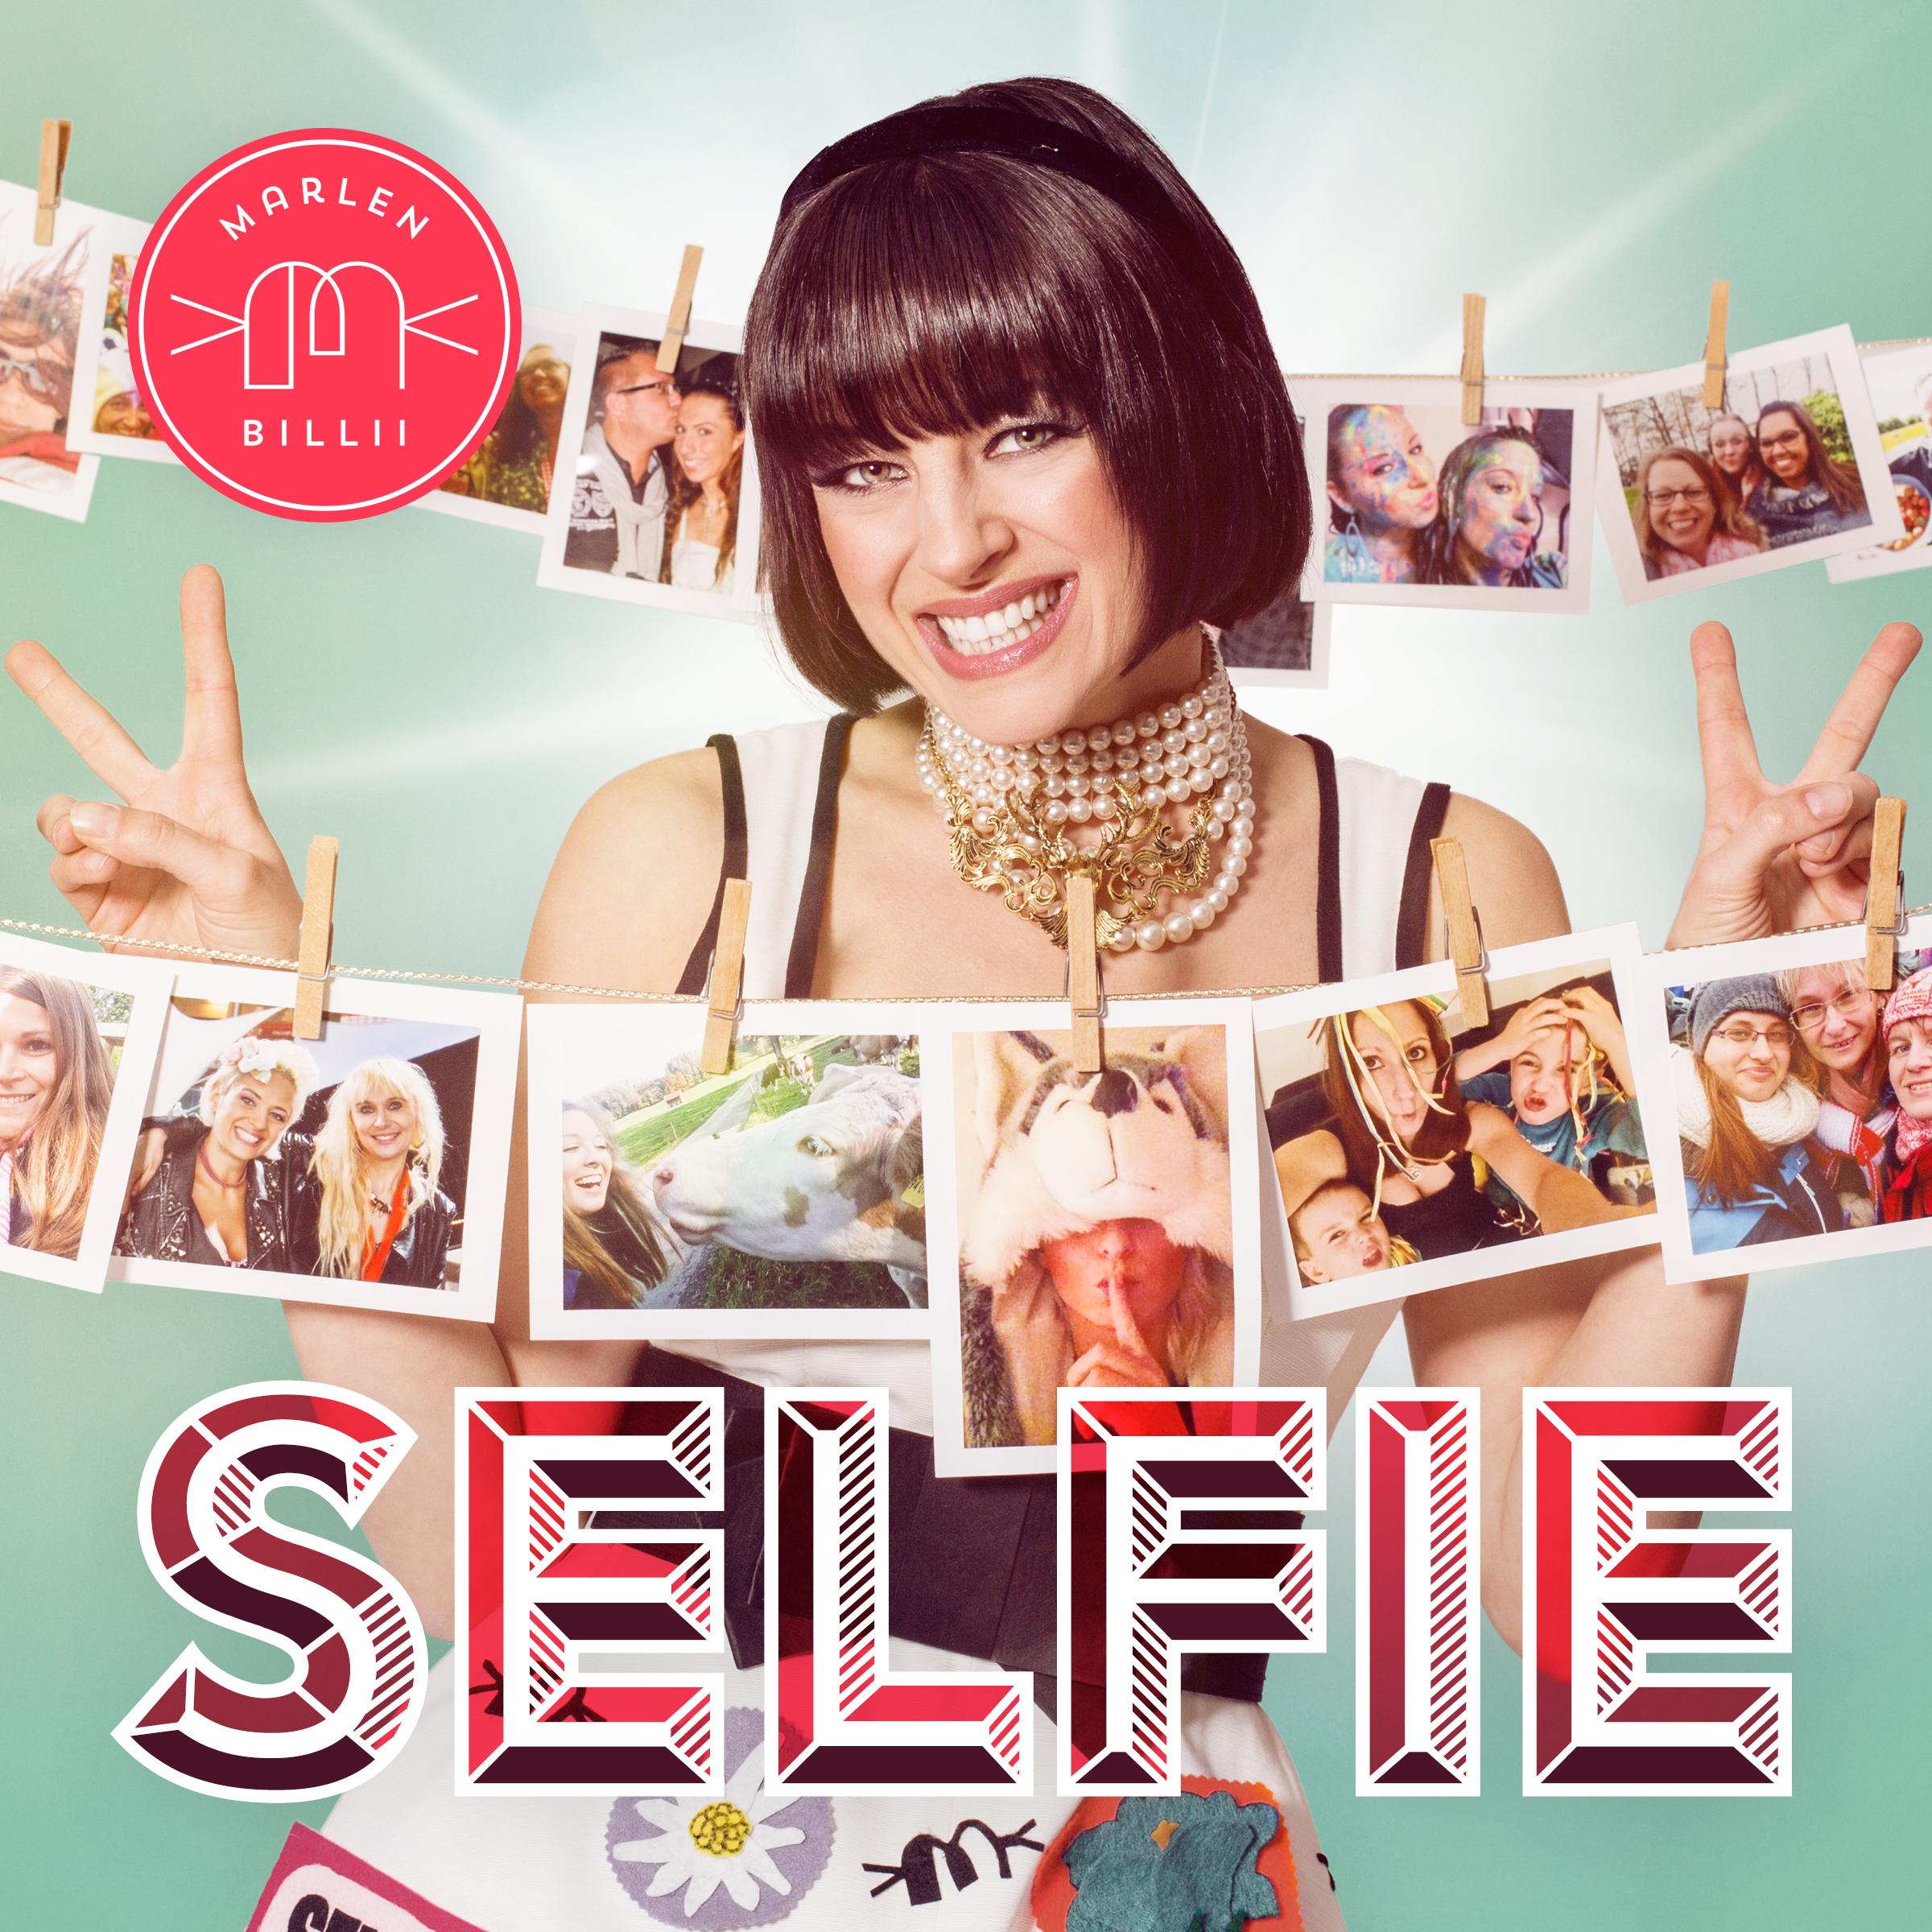 MARLEN BILLII-Selfie